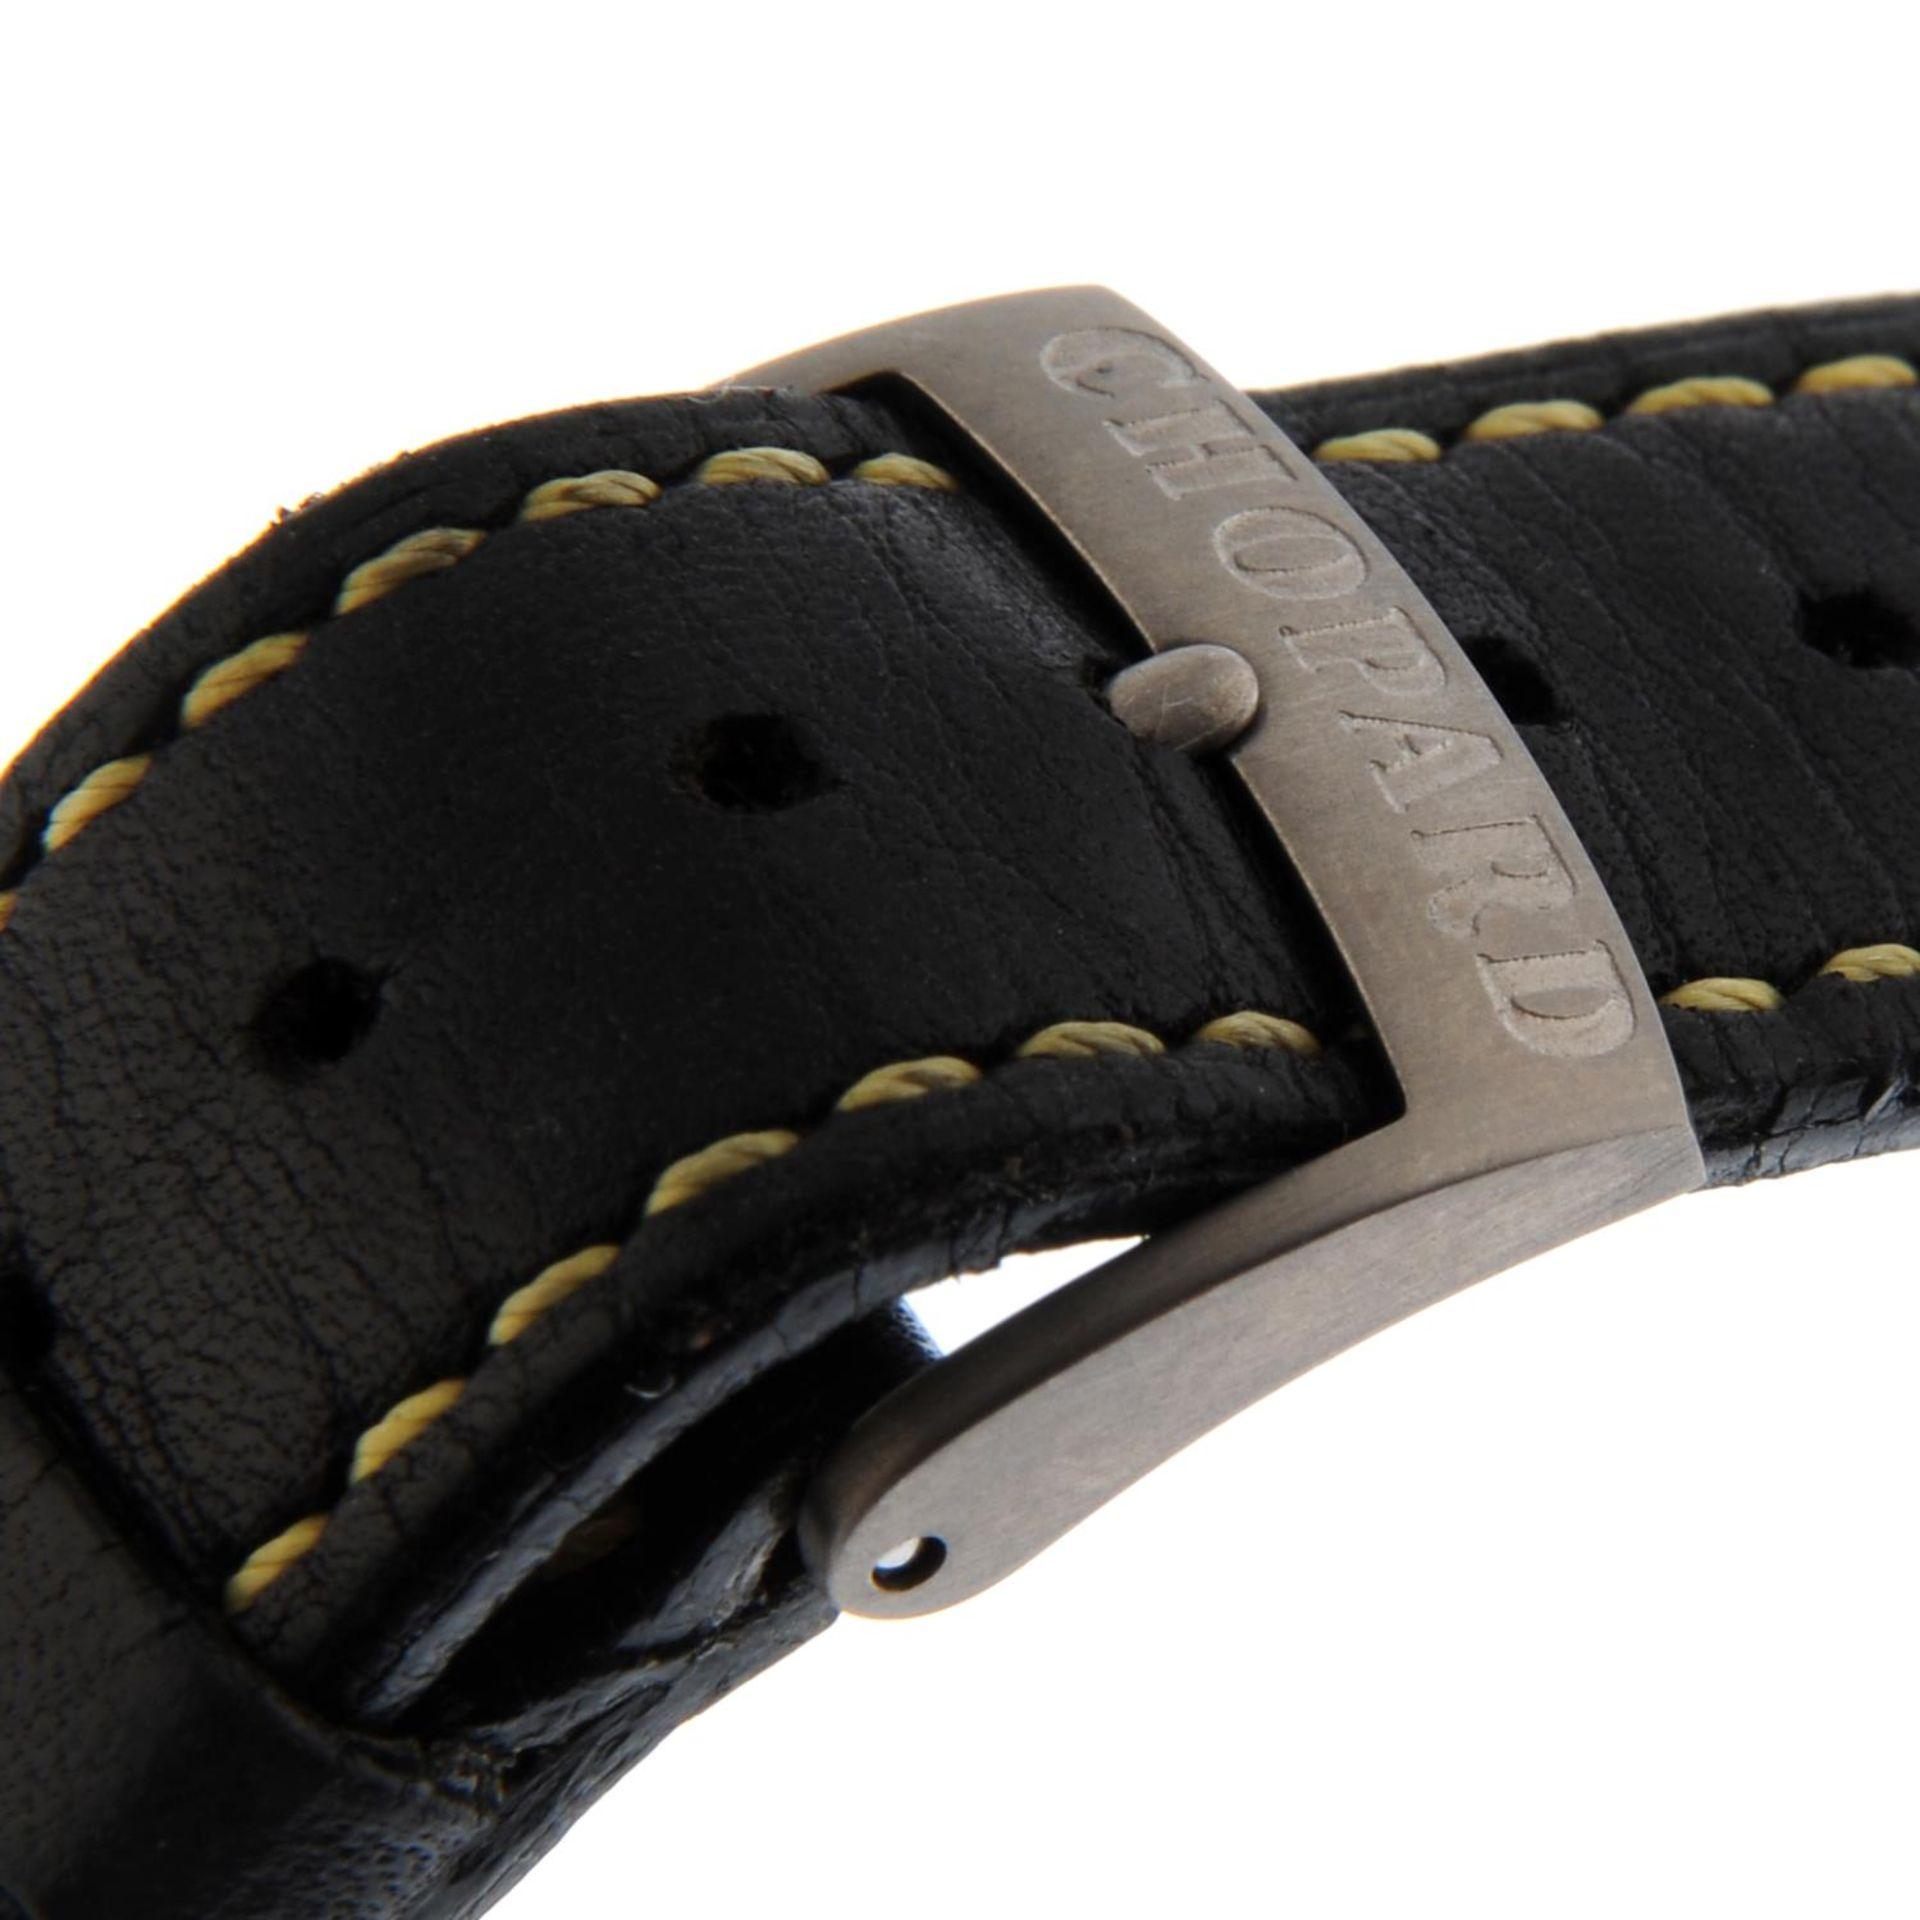 CHOPARD - a Mille Miglia chronograph wrist watch. - Bild 4 aus 6